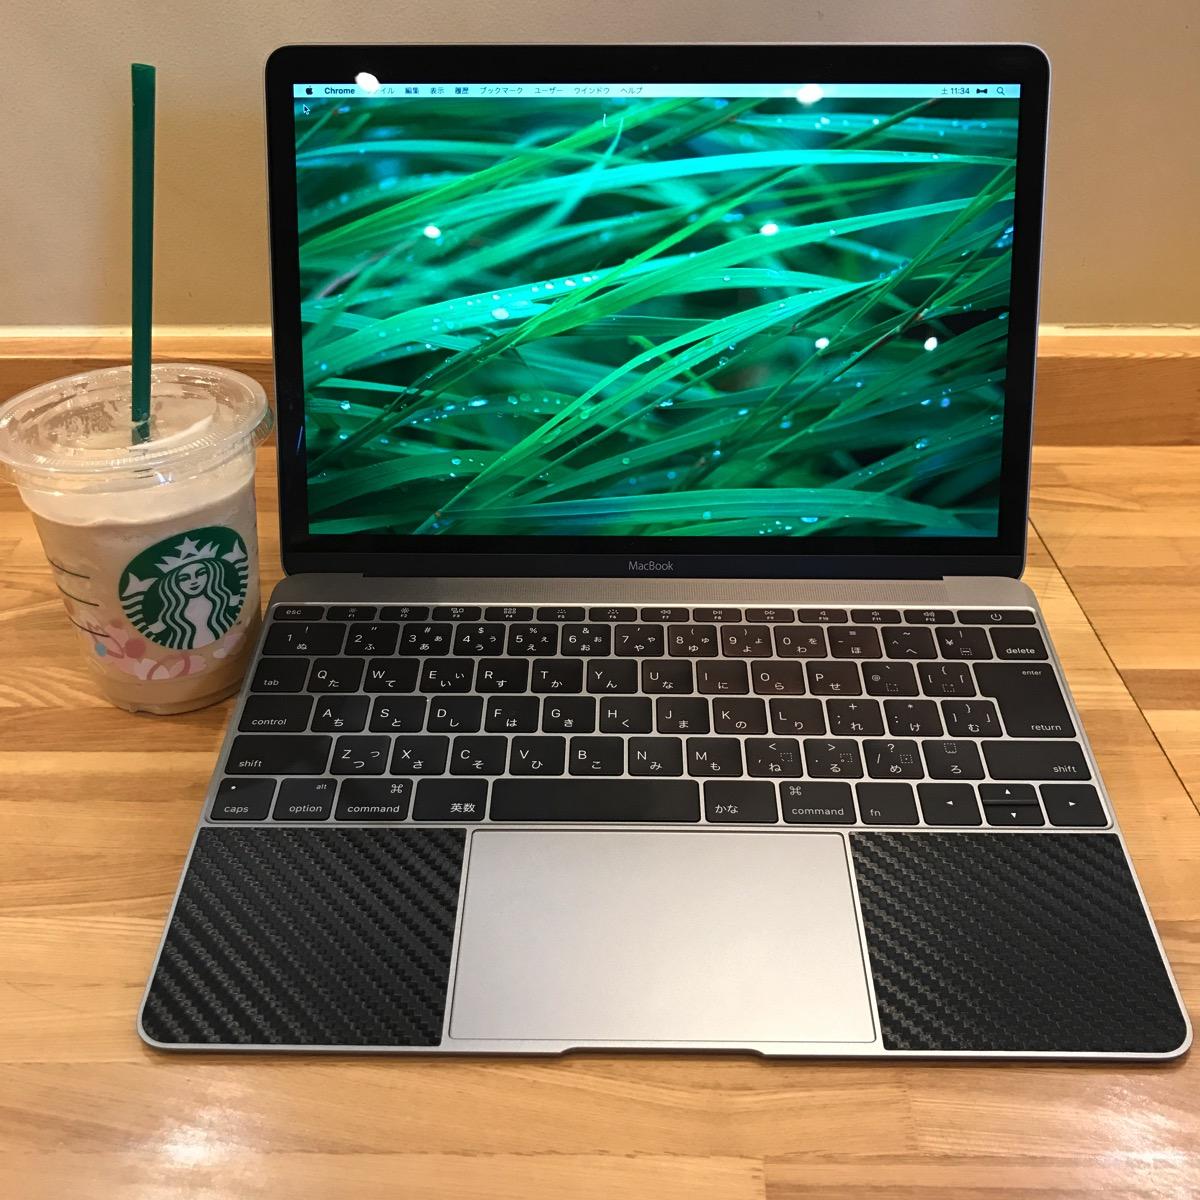 MacBookが僕の相棒 3